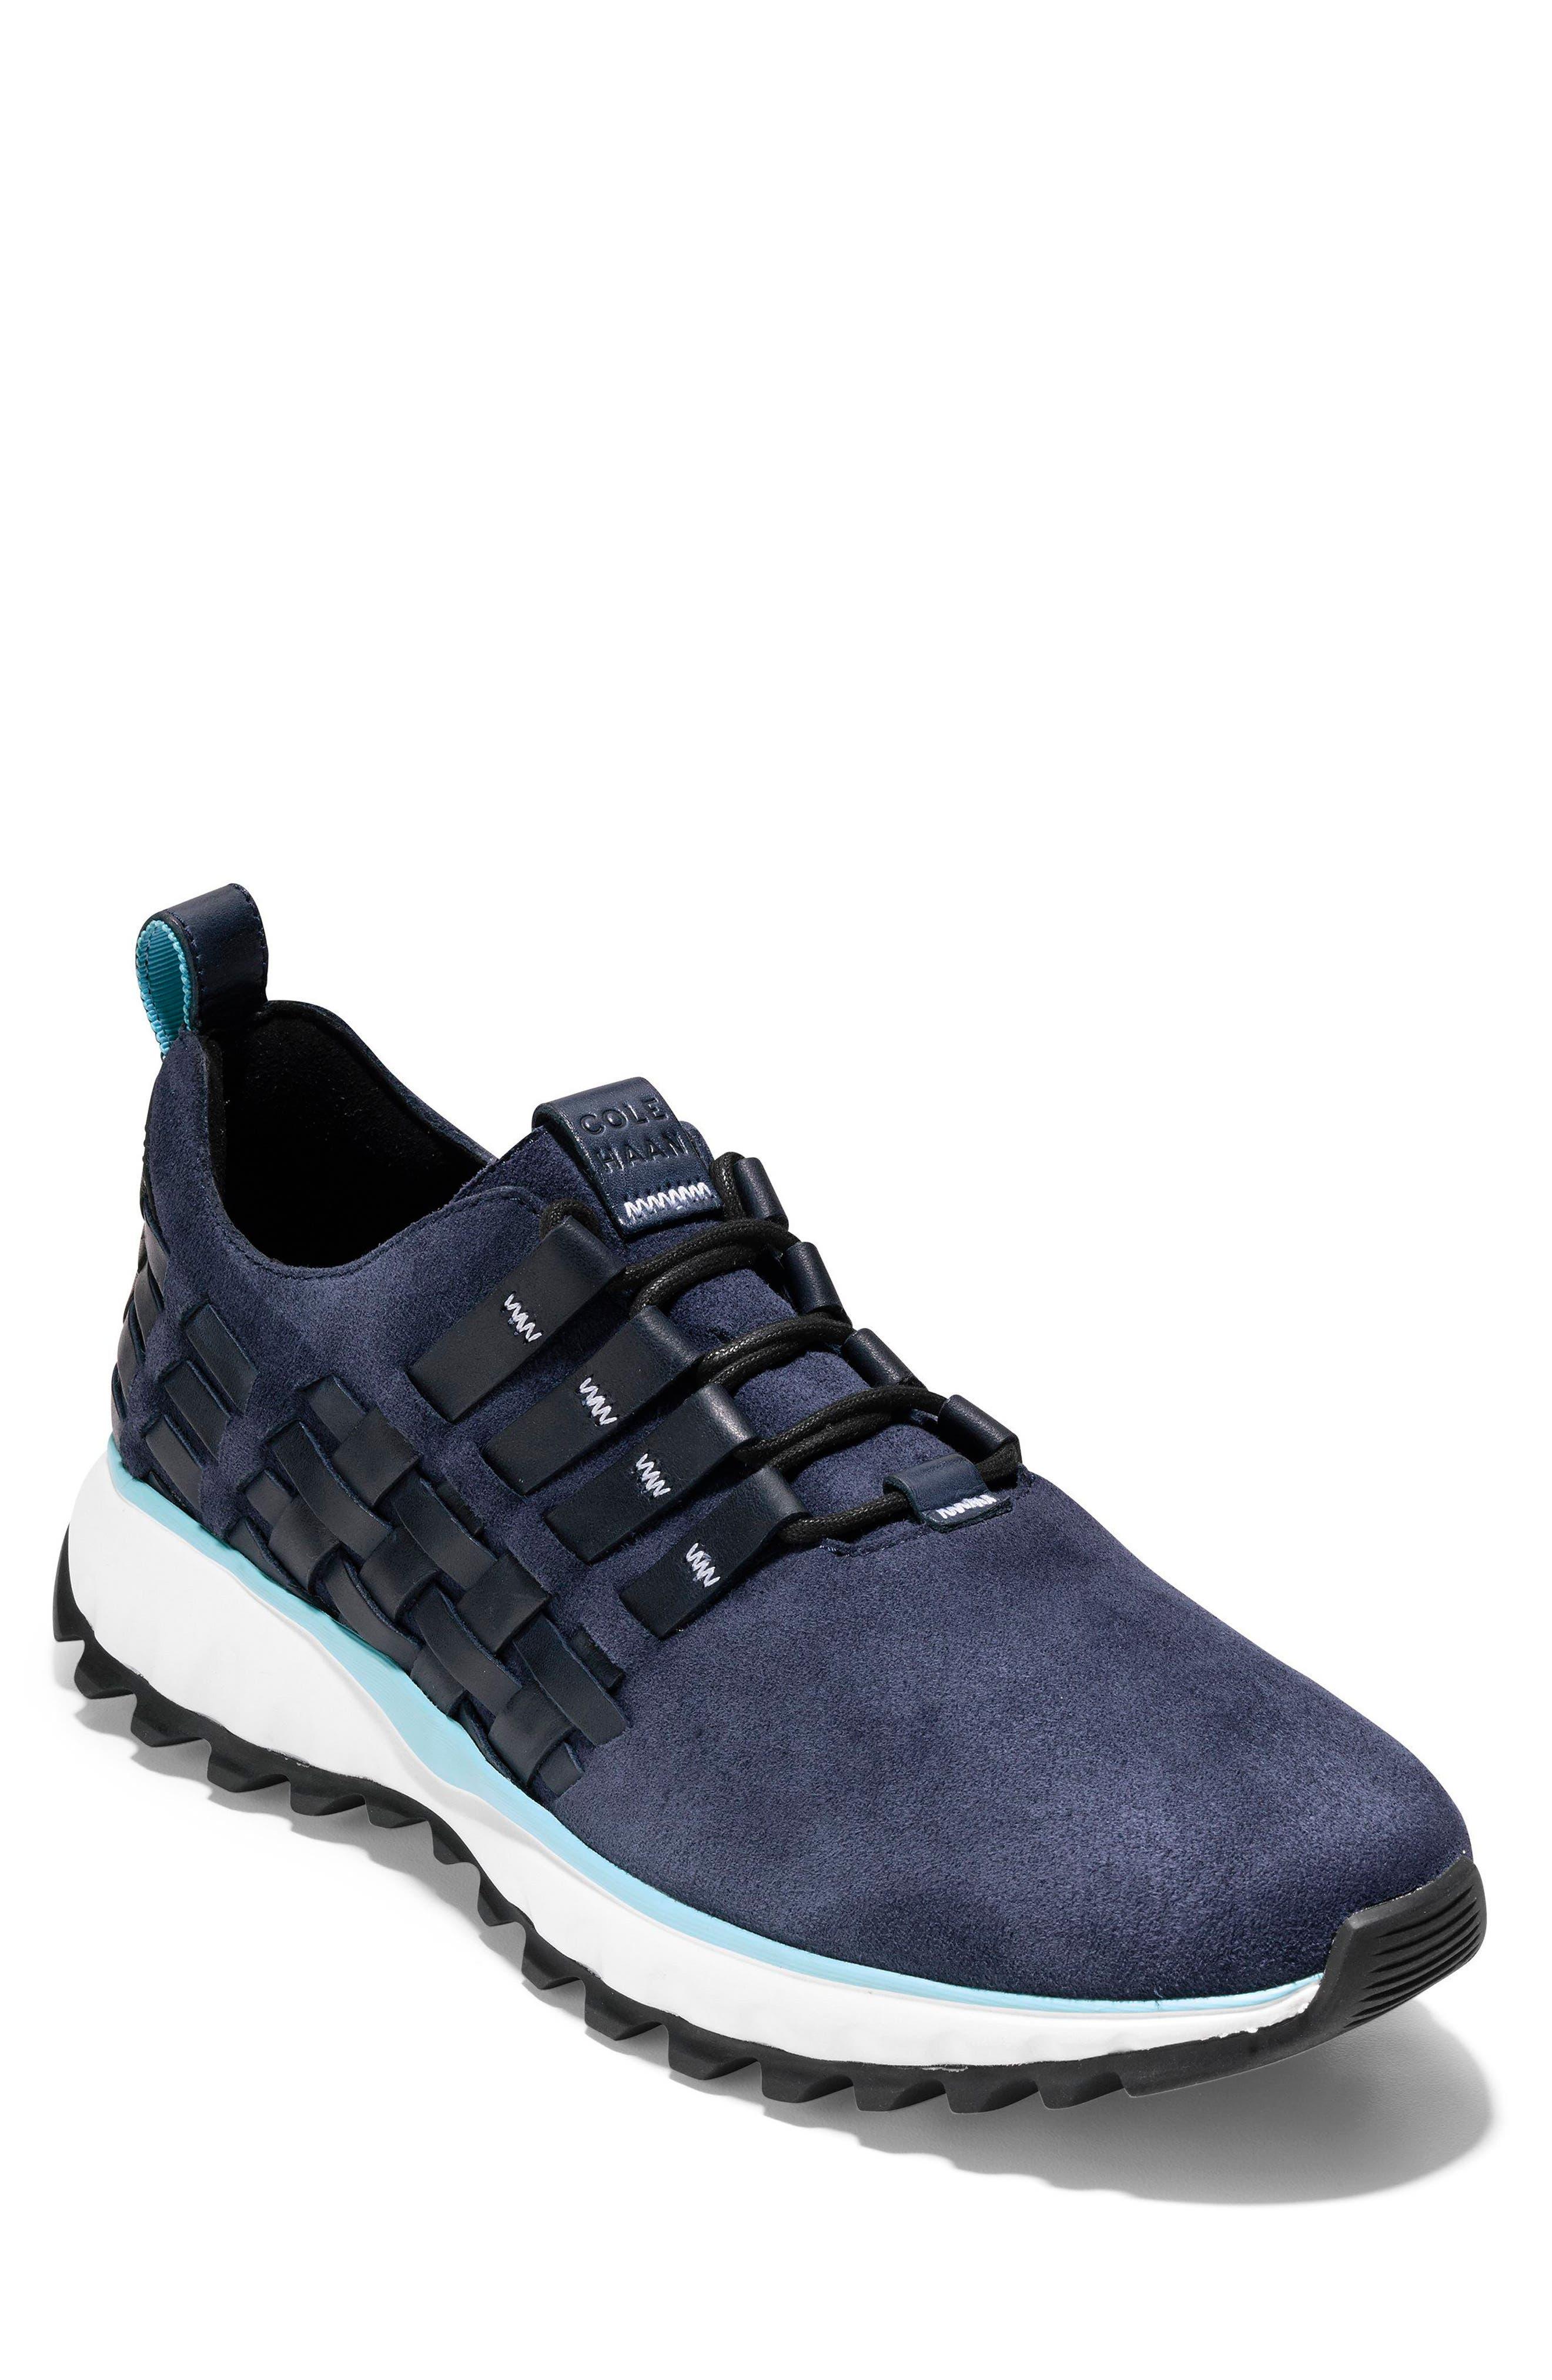 GrandExplore All Terrain Woven Sneaker,                             Main thumbnail 1, color,                             Marine Blue/Optic White/Black